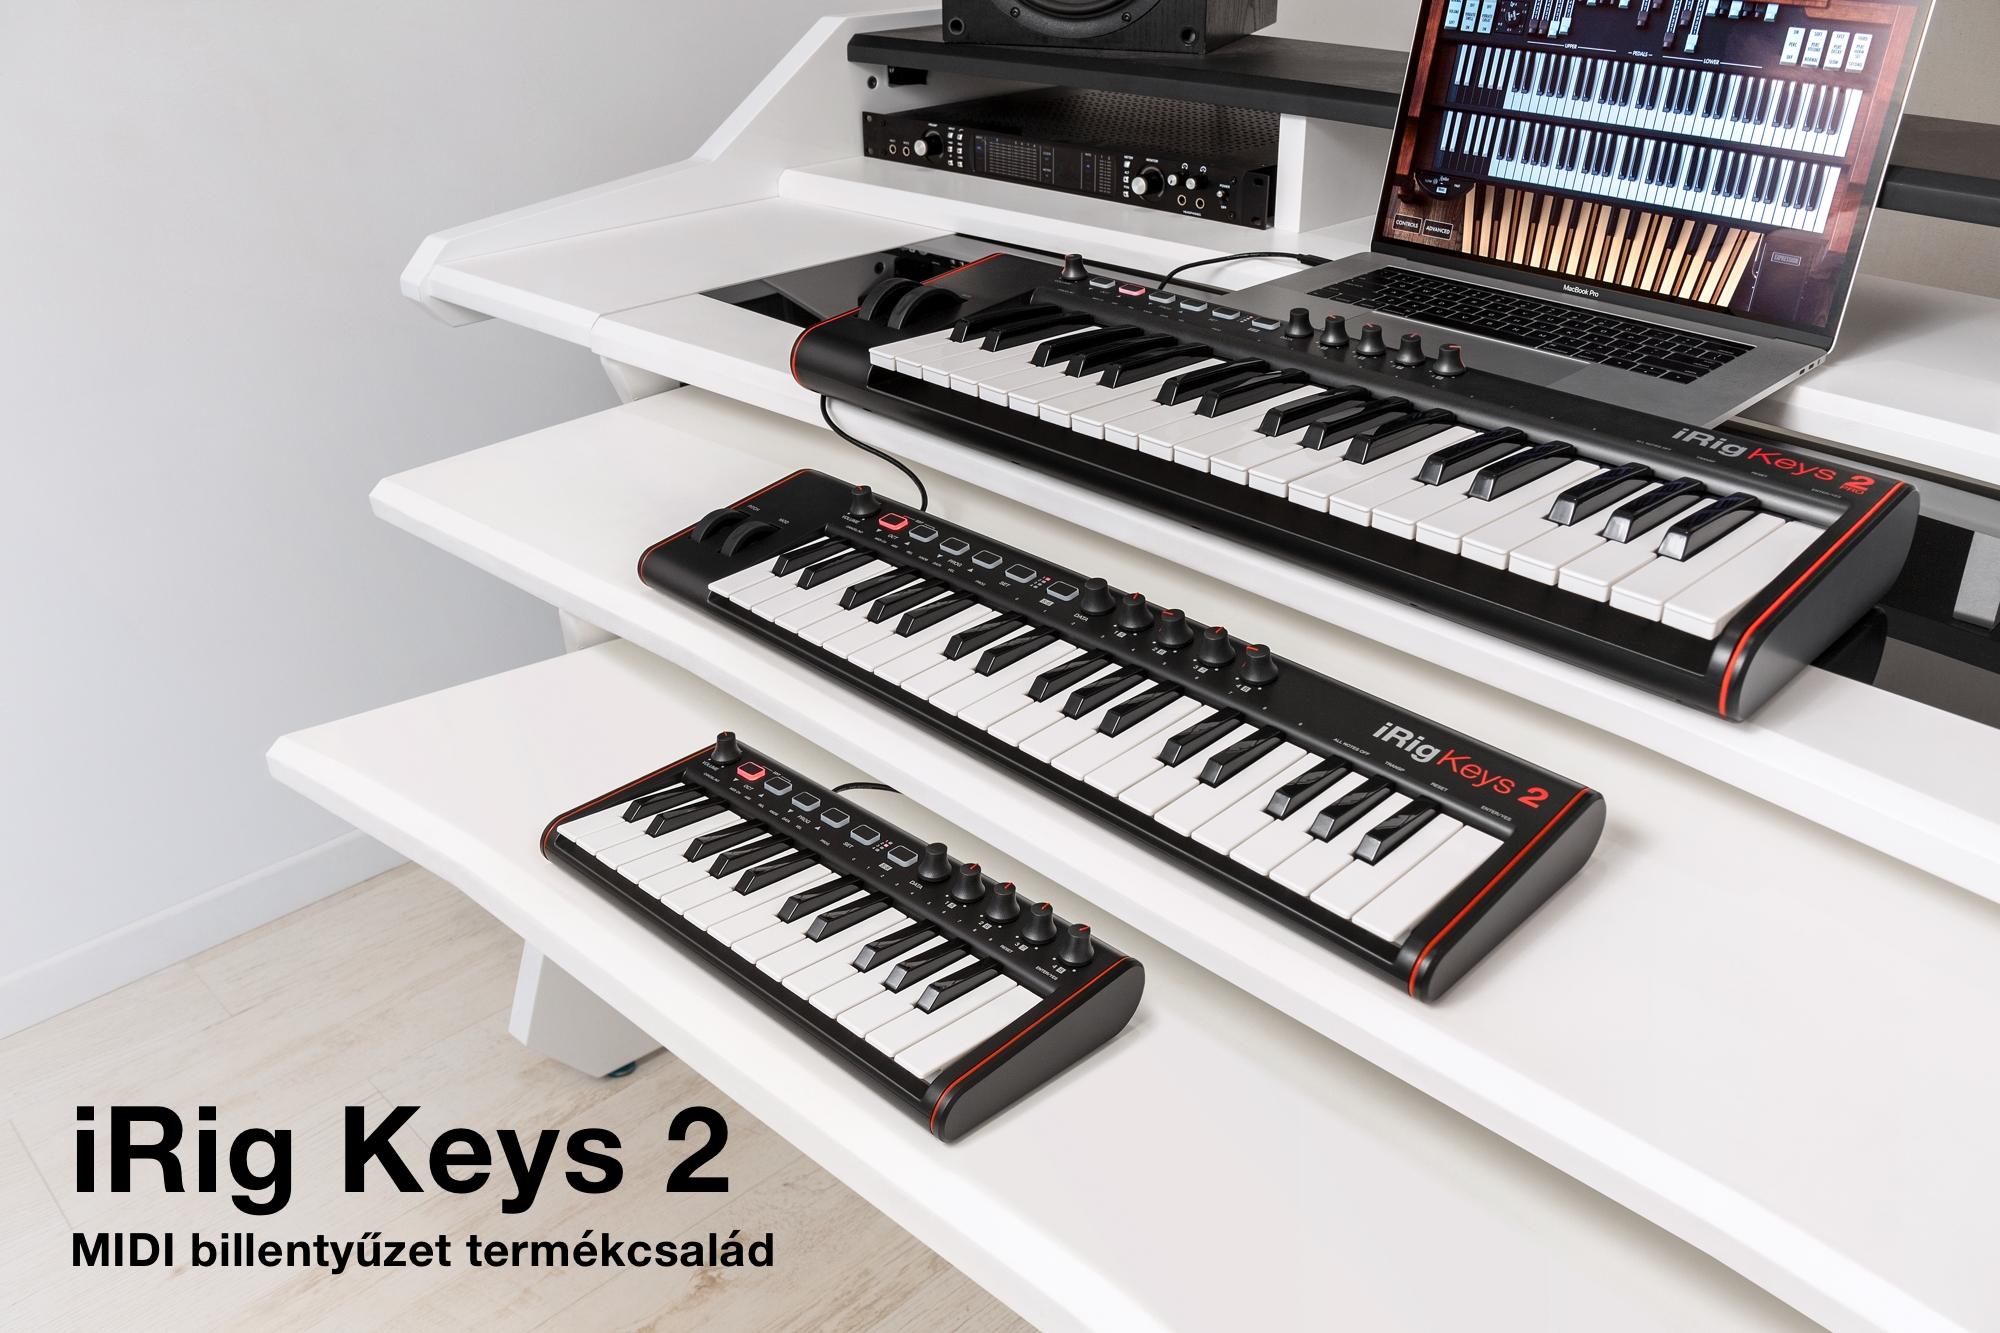 iRig Keys 2 termékcsalád